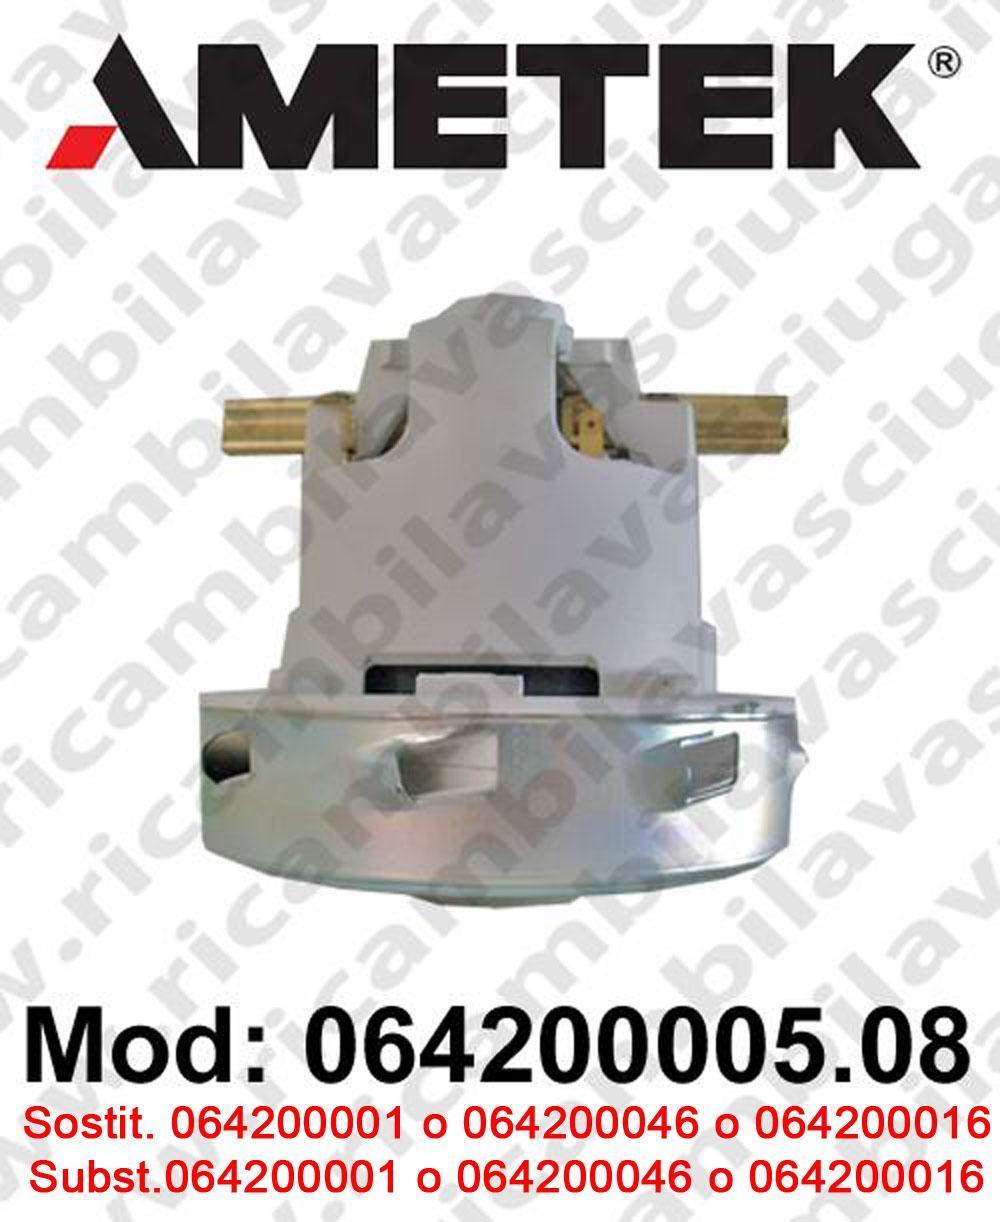 MOTEUR ASPIRATION 064200005.08 AMETEK ITALIA pour autolaveuses et aspirateur. Remplace 064200001 o 064200016 o 064200046